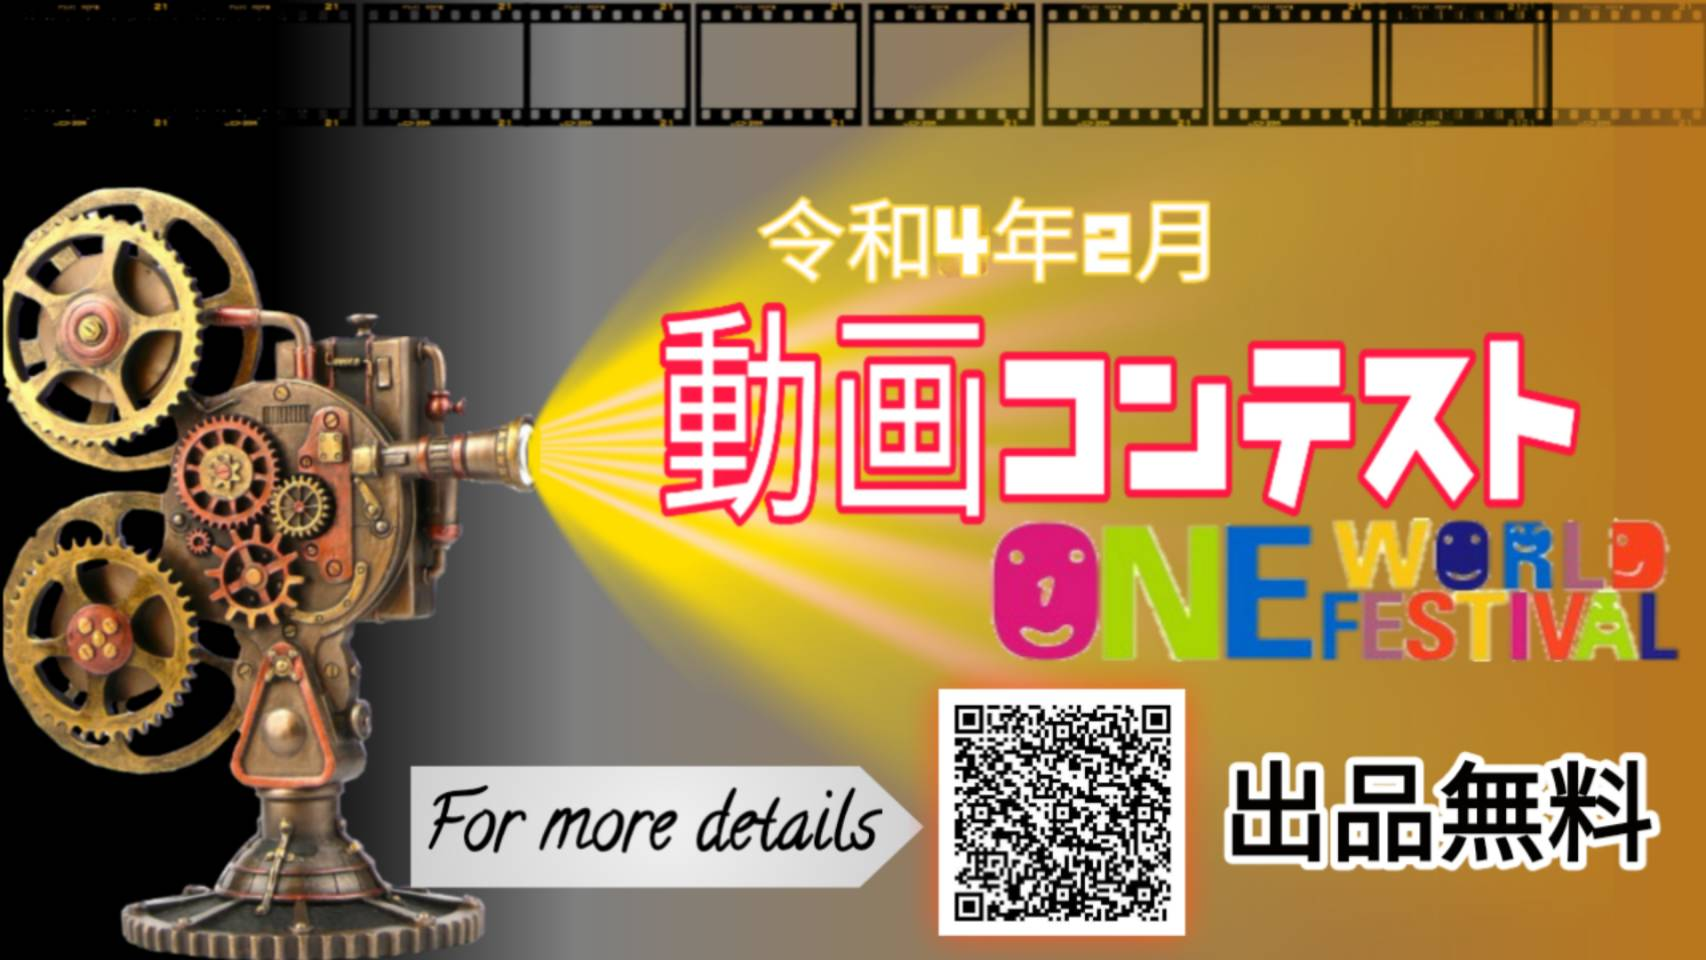 第29回 ワンワールドフェスティバル動画コンテスト募集要項